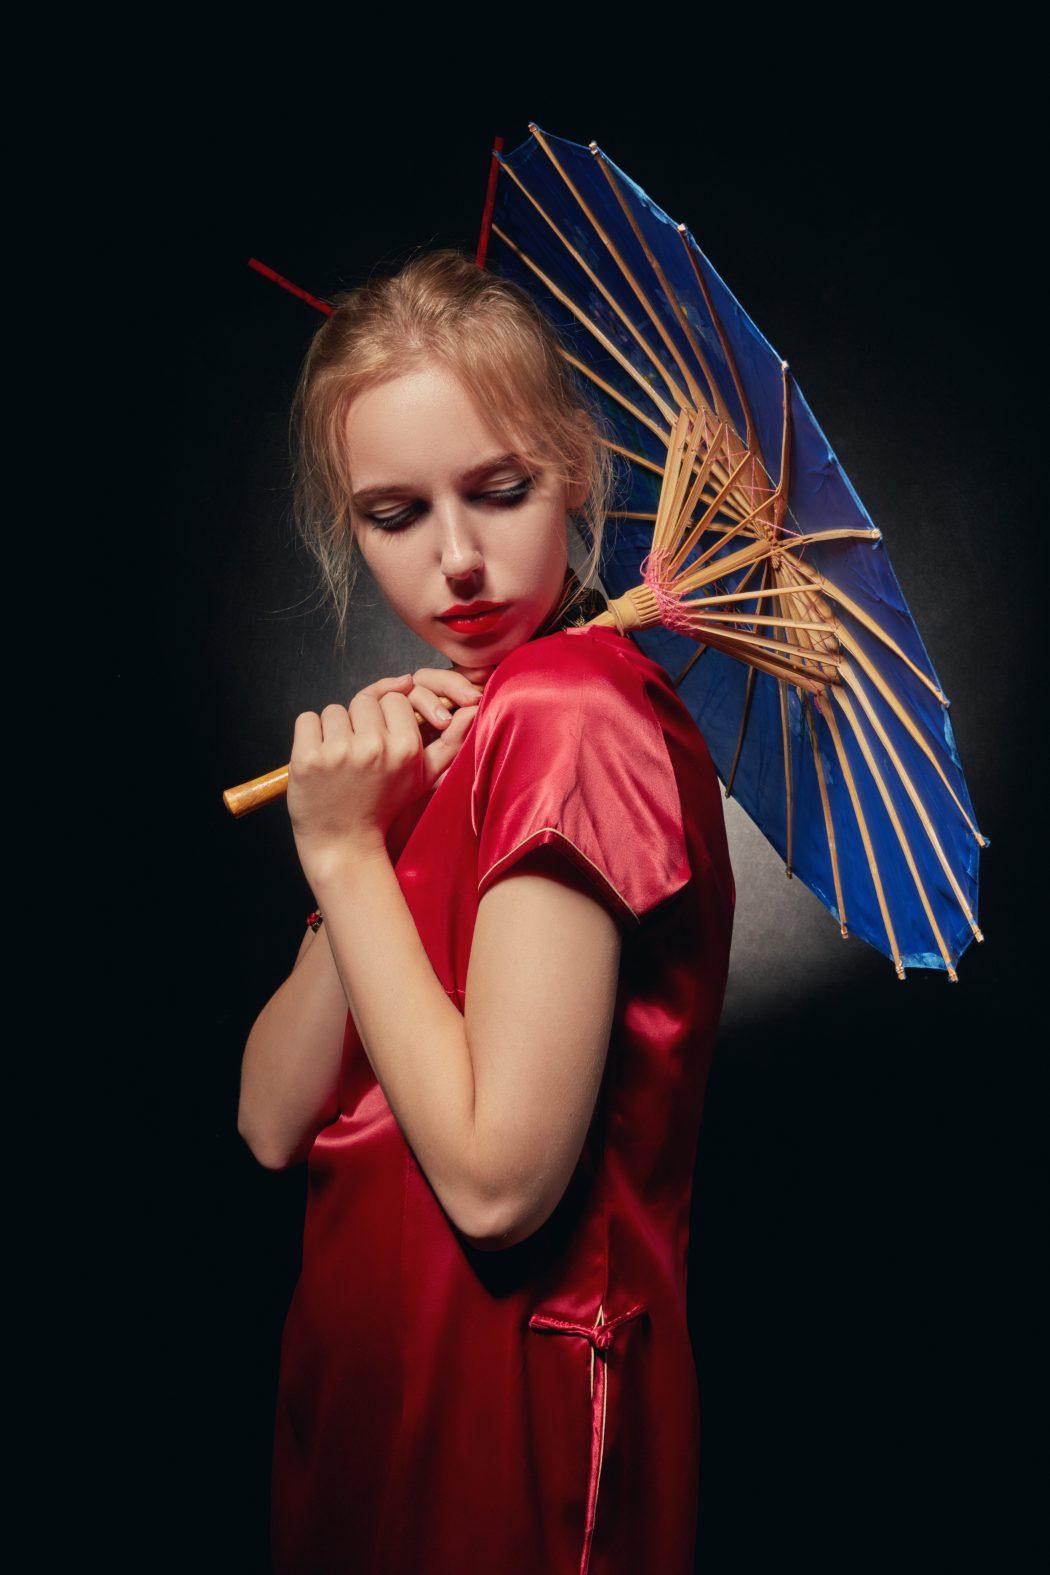 magazynkobiet.pl - Fotolia 119015278 Subscription Monthly XXL 1050x1575 - Torebki Joanny Kruczek – w japońskim stylu